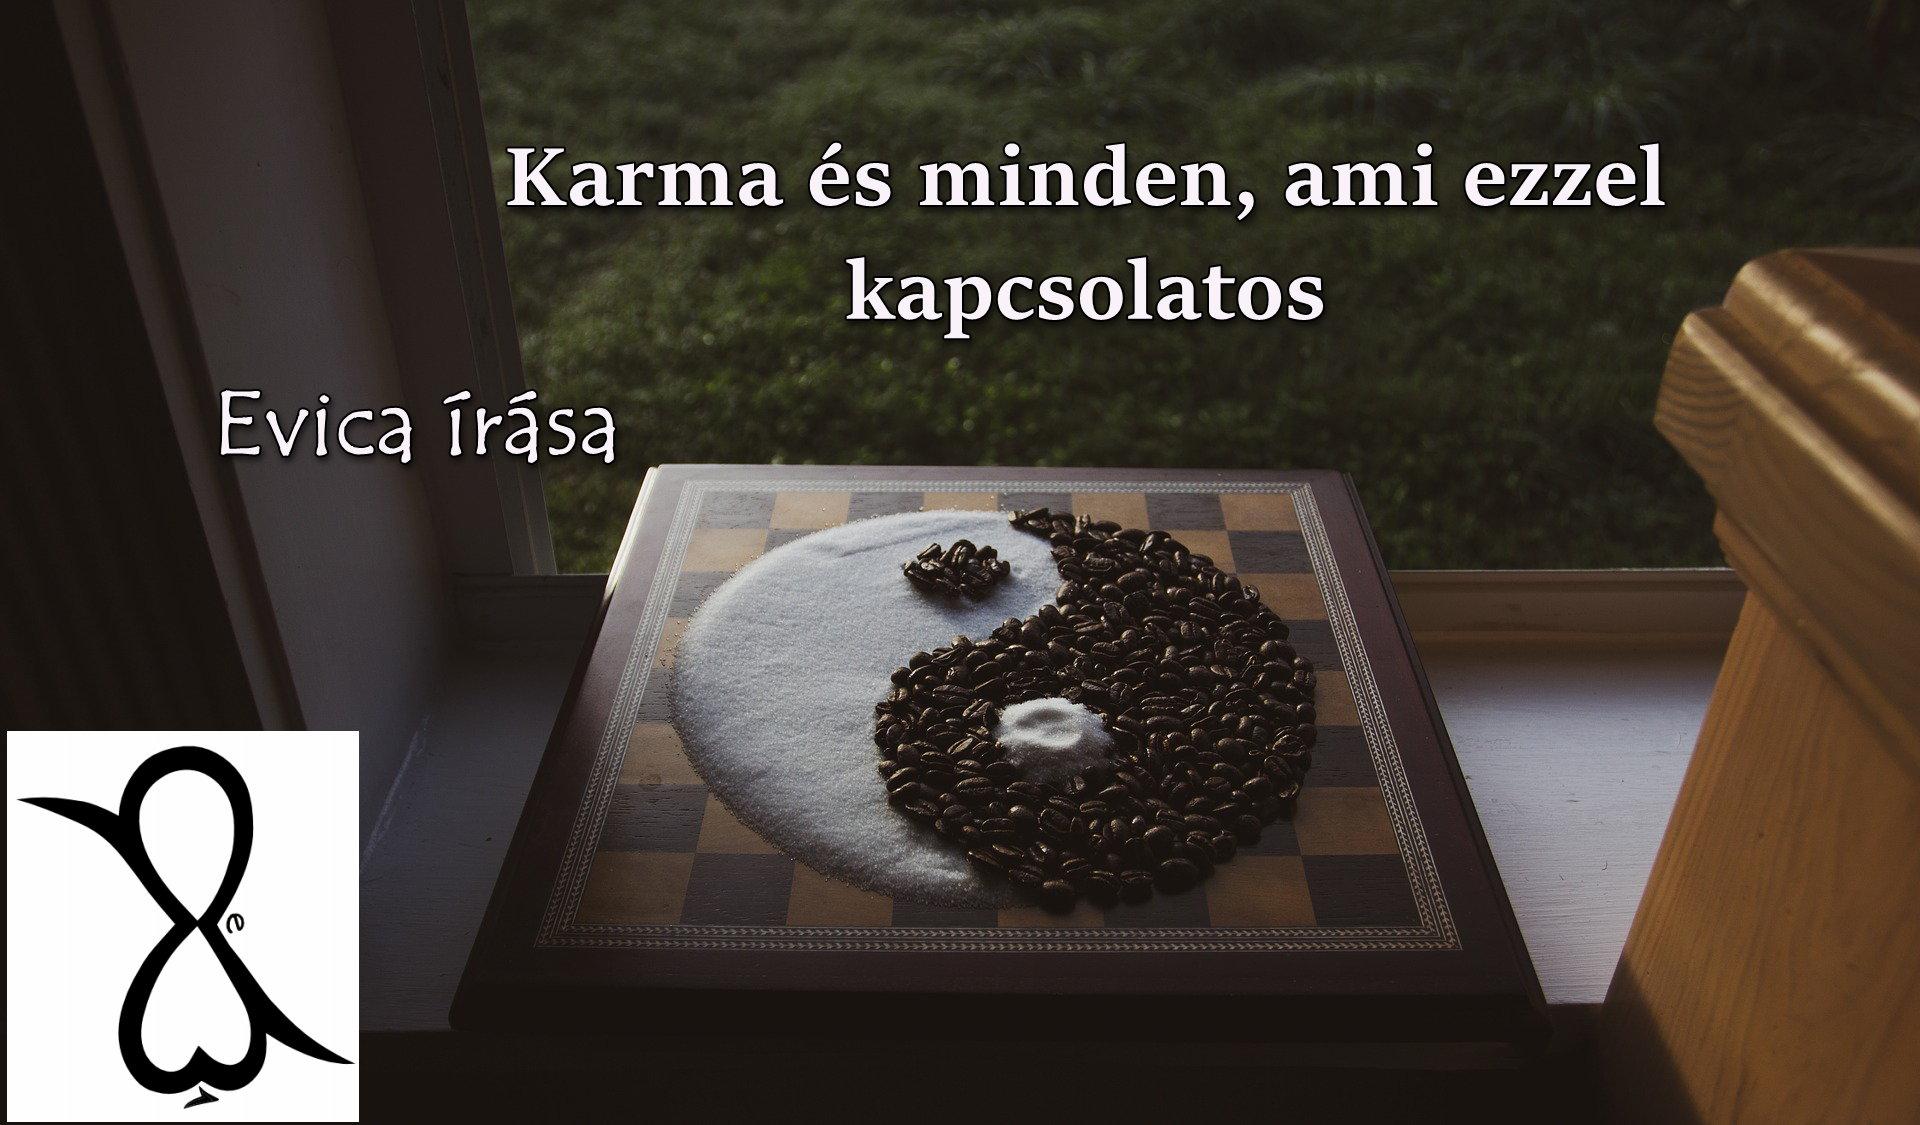 Karma és minden, ami ezzel kapcsolatos (Evica írása)